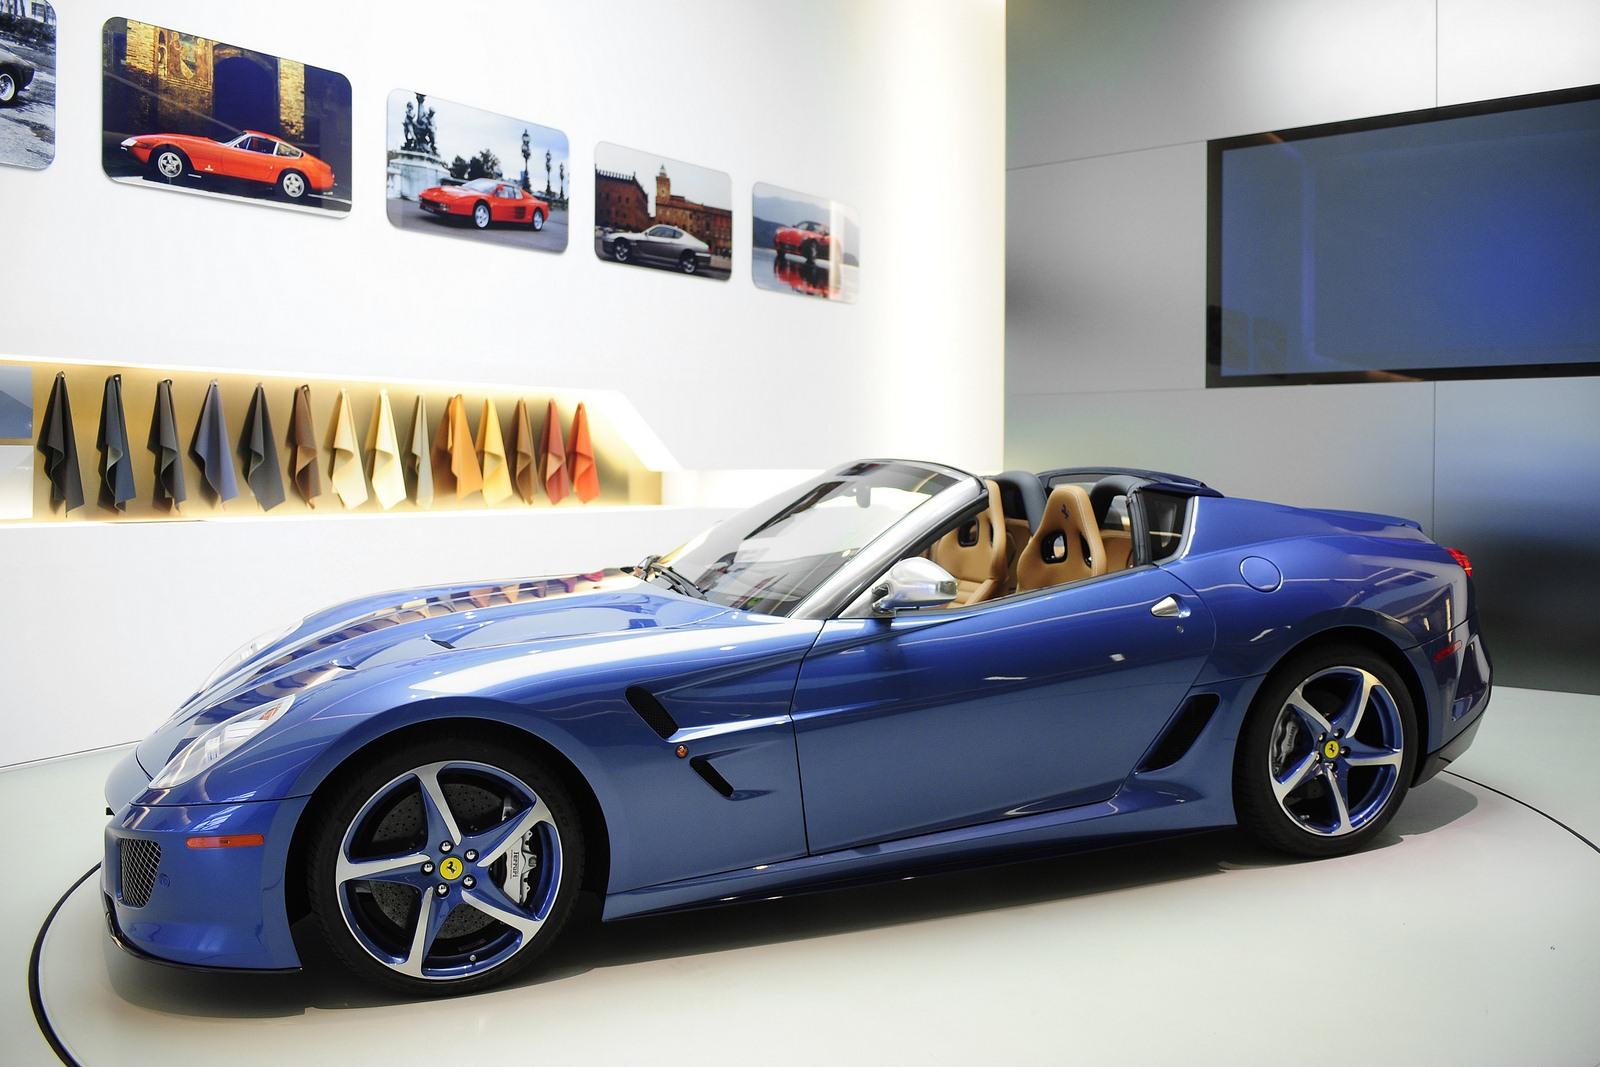 Here is the 2012 Ferrari Superamerica 45 Supercar-Garage Car